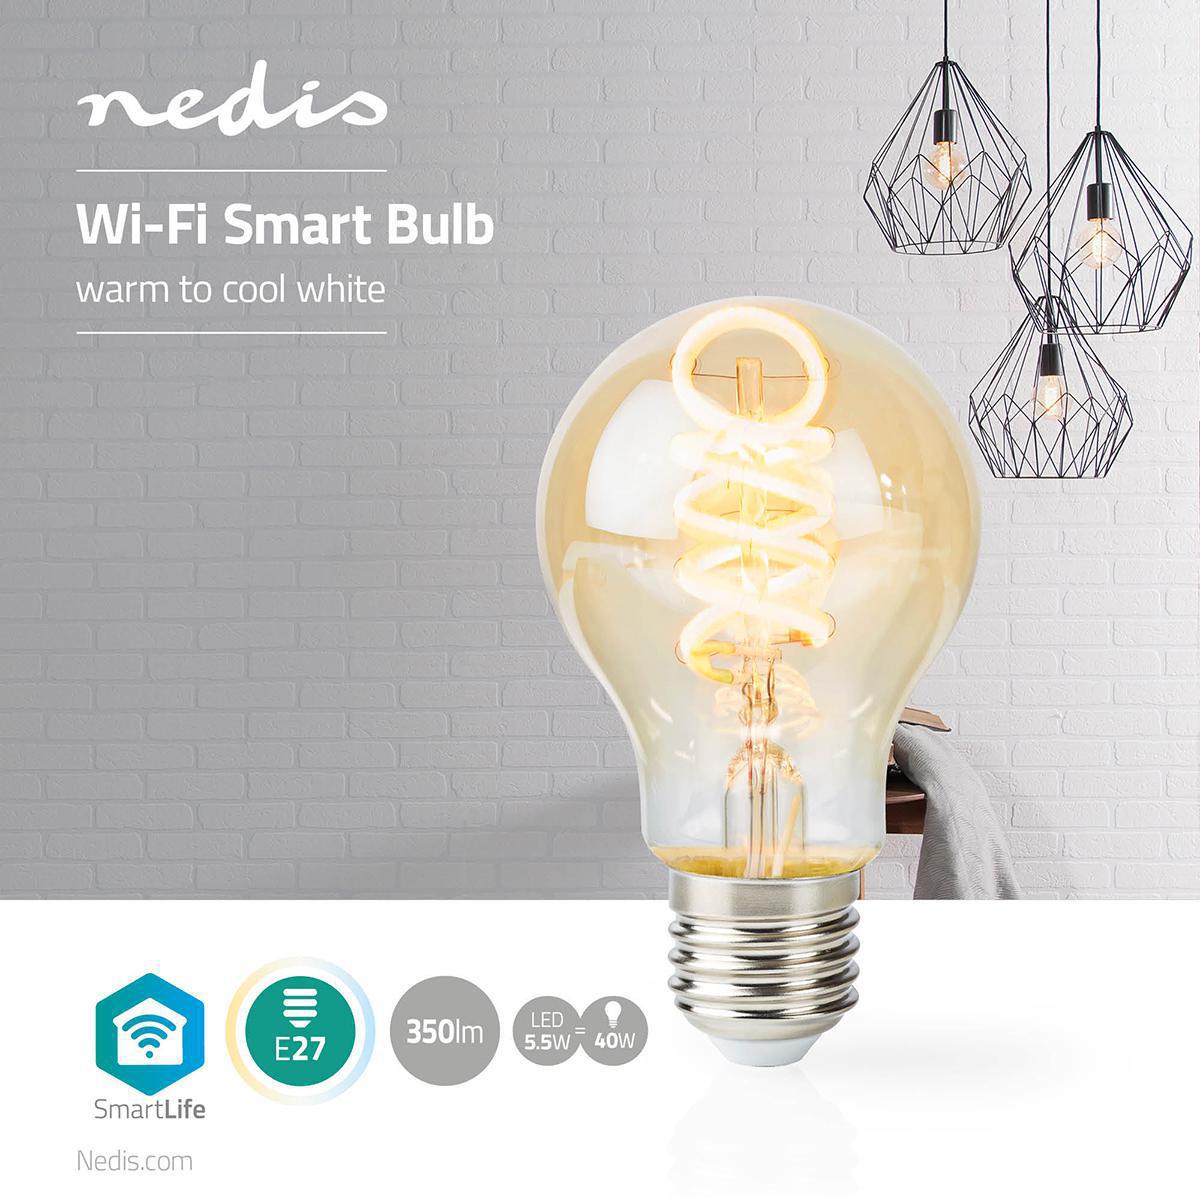 Slimme WiFi LED lamp - in kleur verstelbaar - 1800K warm wit - 6500K daglicht E27 spiraal lamp - dimbaar - app besturing - 5,5W - sfeerfoto